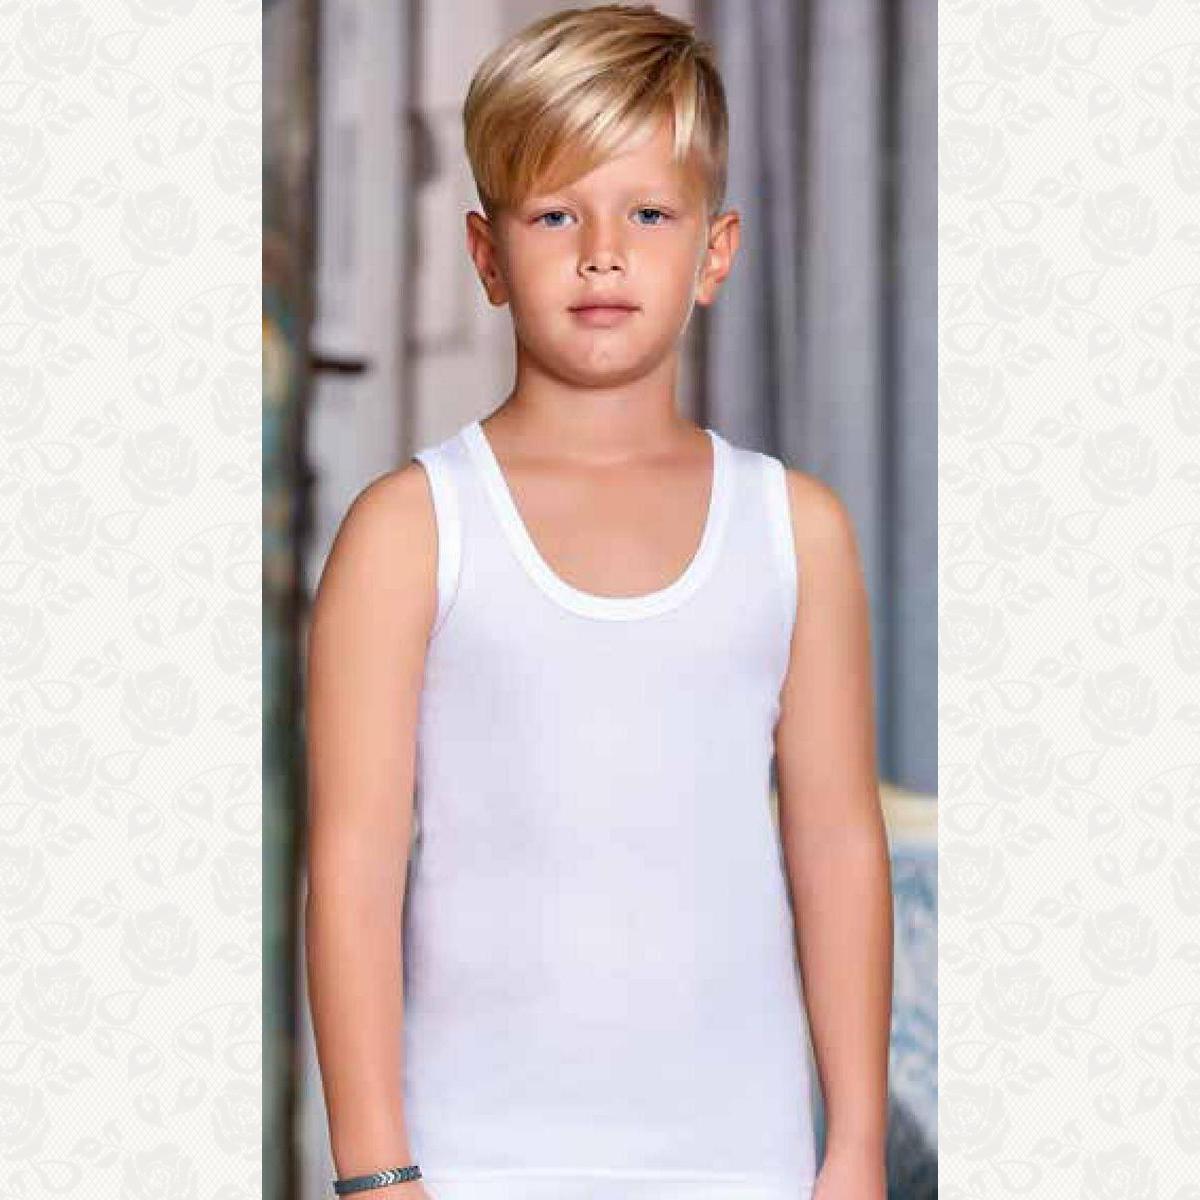 Майка для мальчика размер от 1-4, цвет белый с фото, 6 шт.